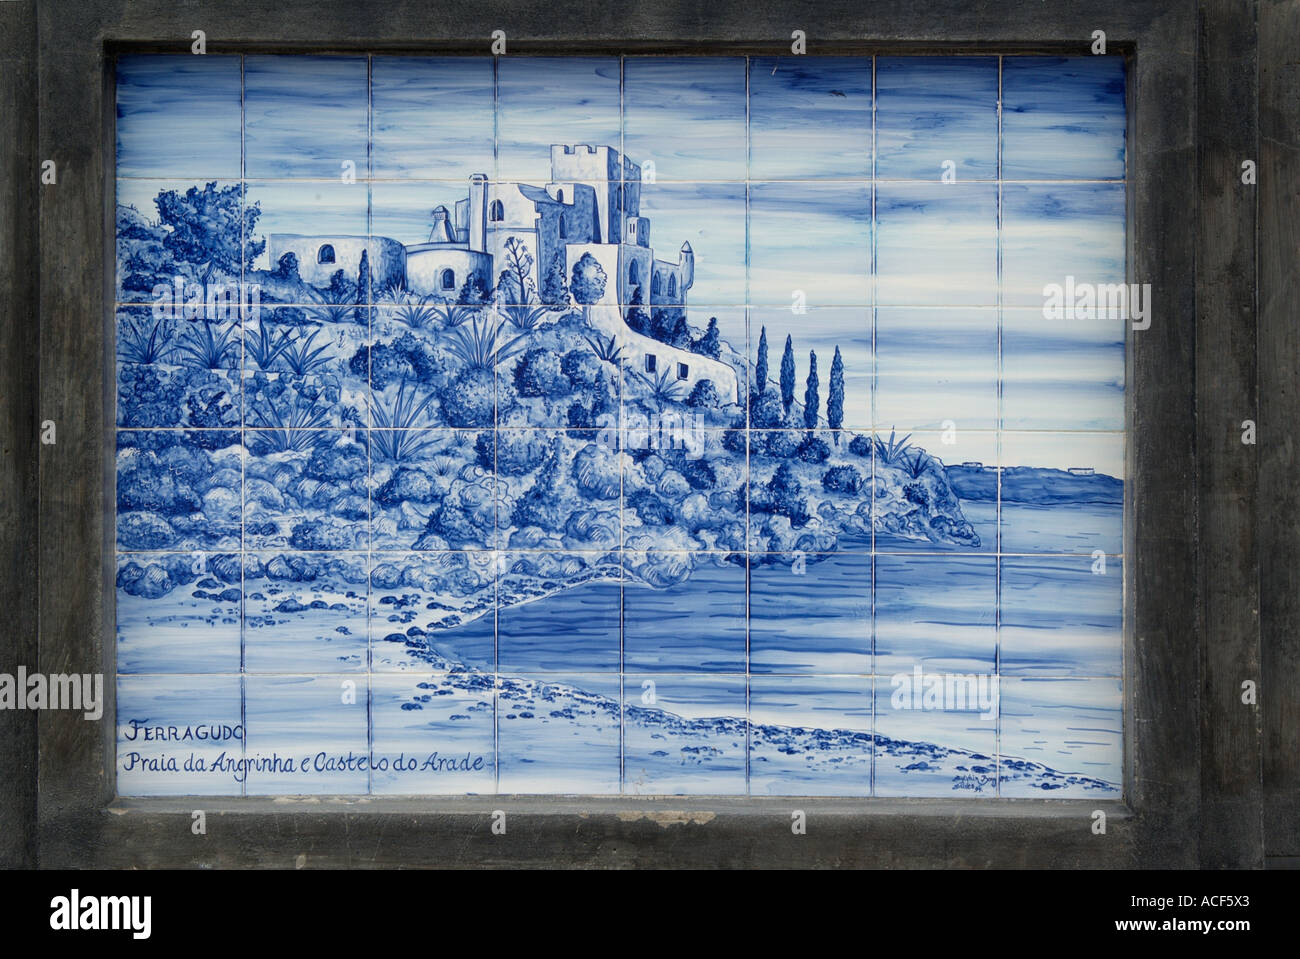 Ceramiche piastrelle smaltate placca immagine blu bianco paesaggio